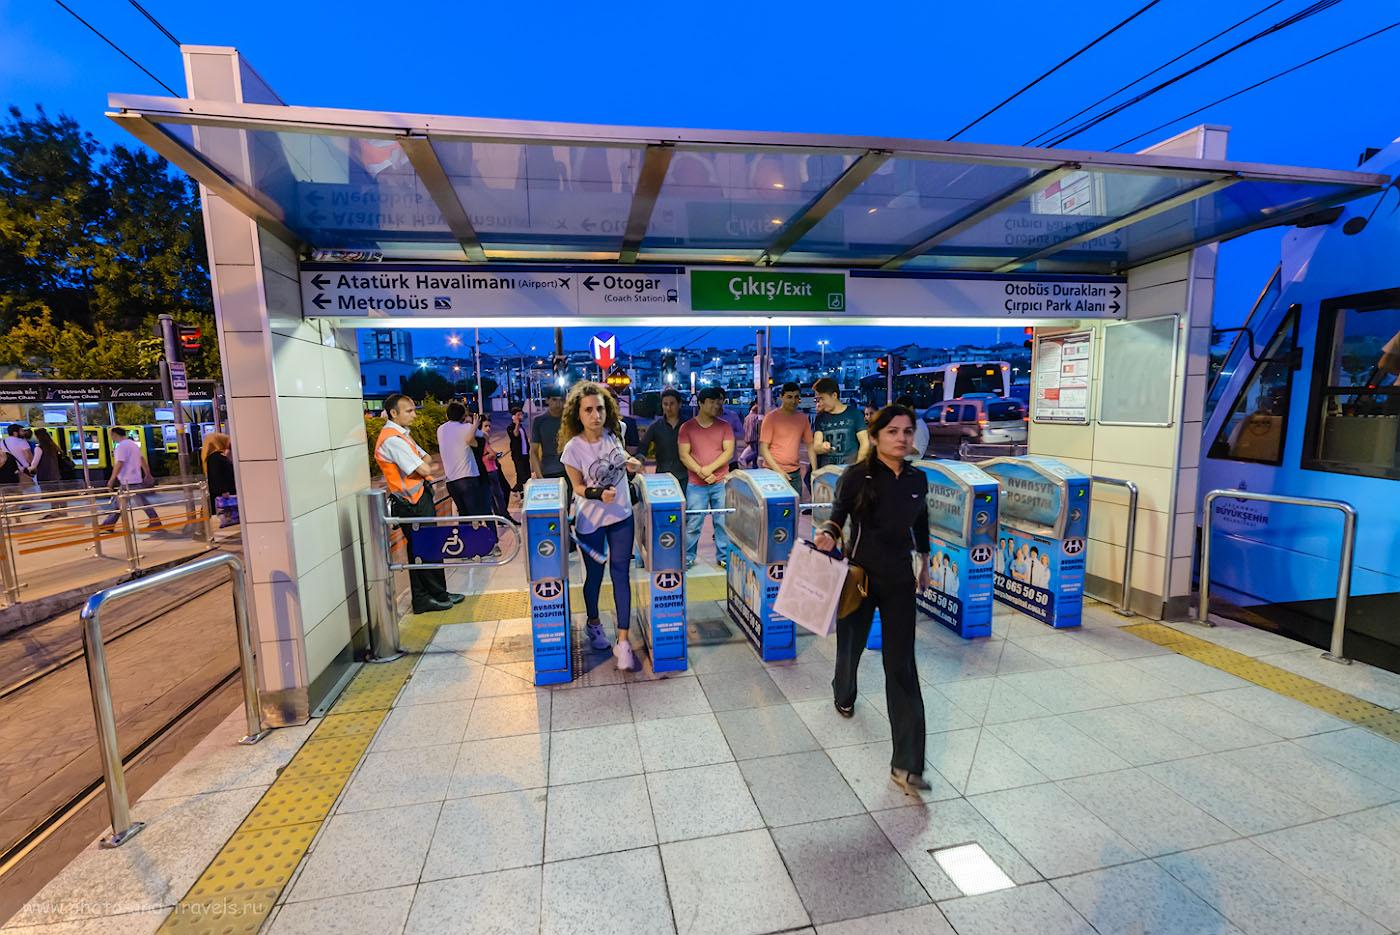 Фото 34. Так в Стамбуле выглядит трамвайная остановка. Здесь нужно сделать пересадку на метро в аэропорт. Как поехать в Турцию самостоятельно. 1/50, 5.6, 4000, 14.